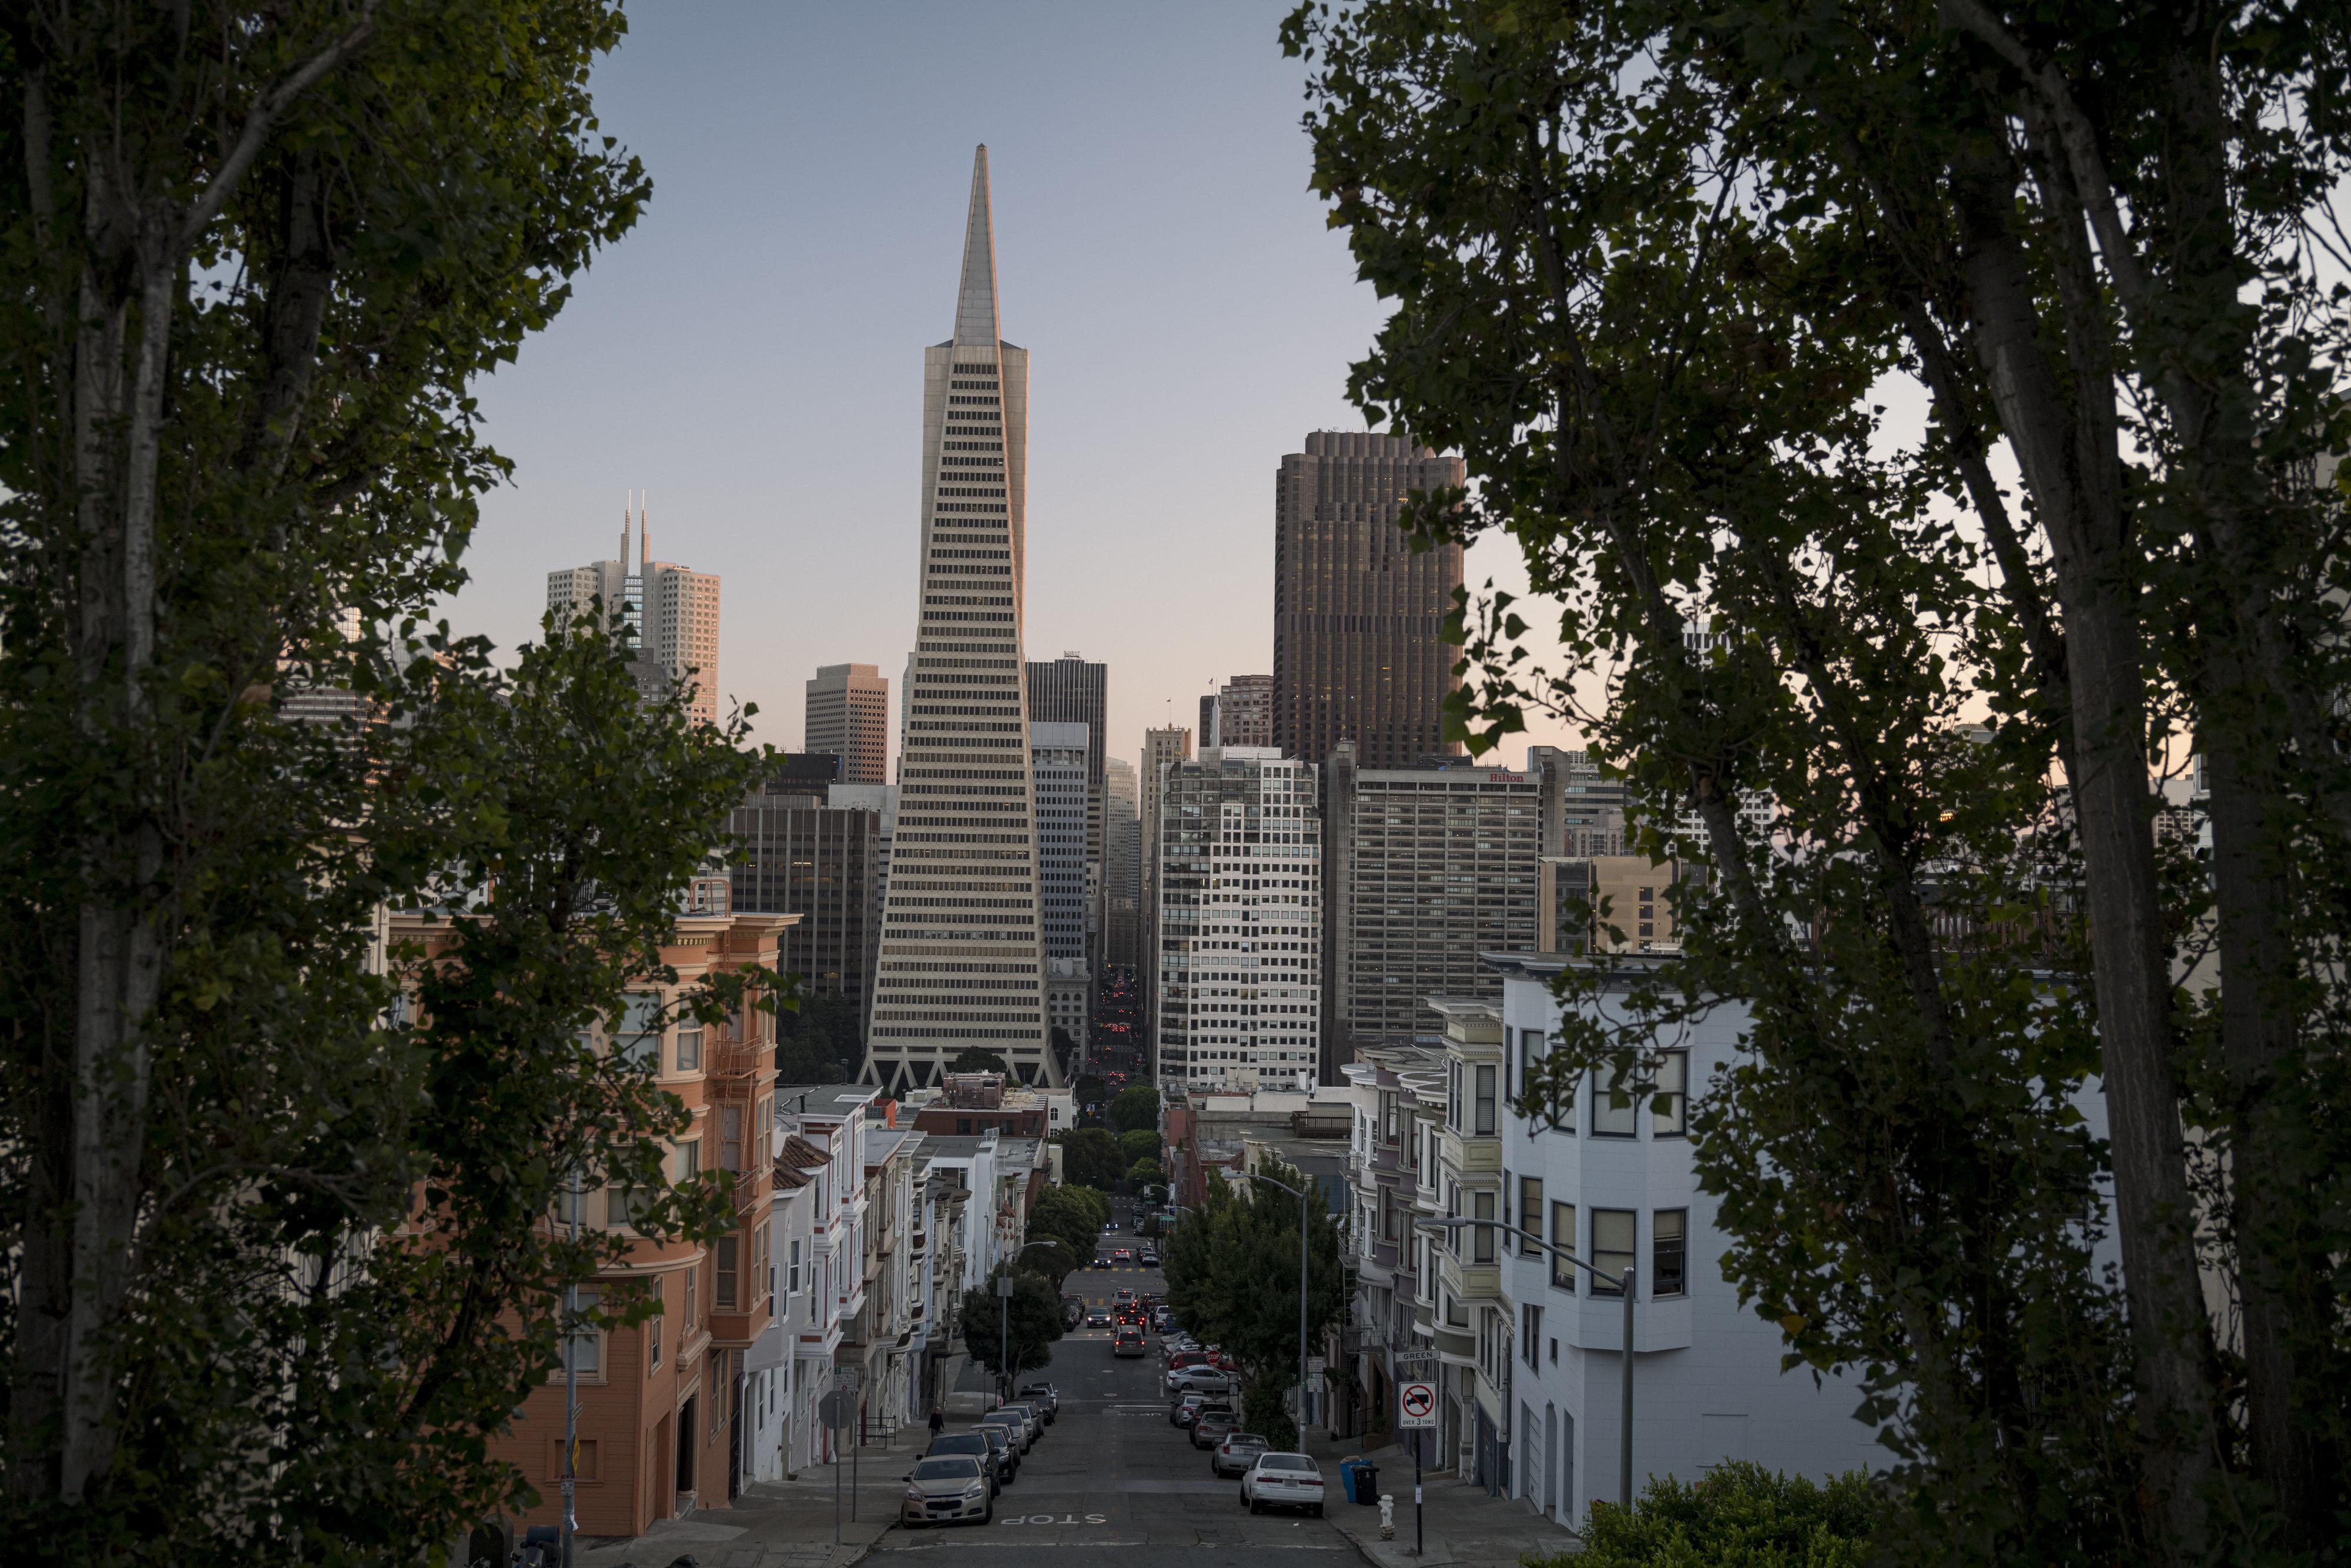 旧金山泛美金字塔的售价为6.5亿美元